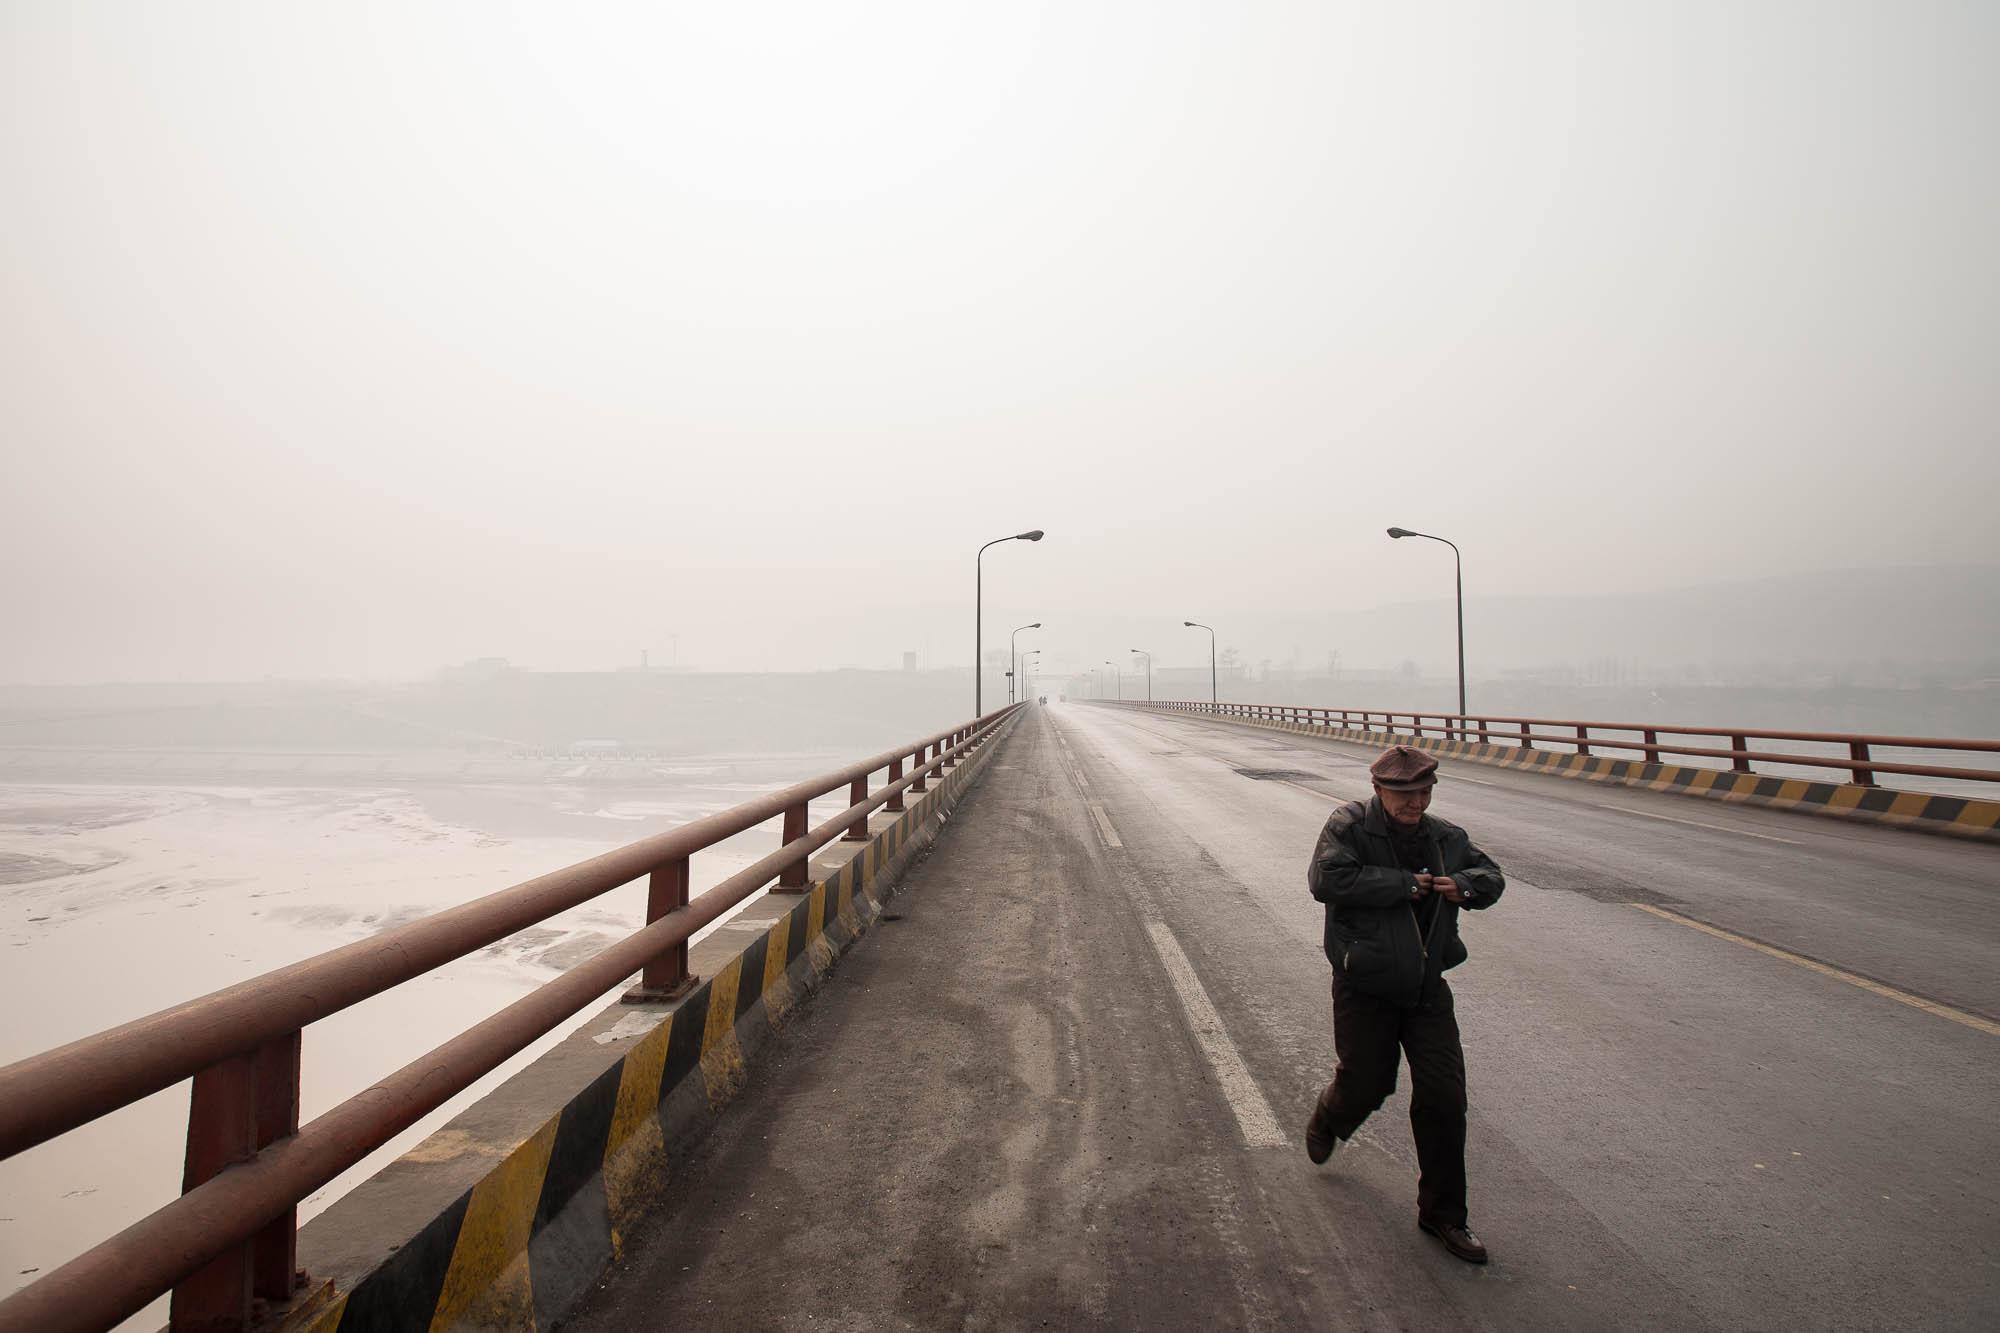 bridge across the Yellow River